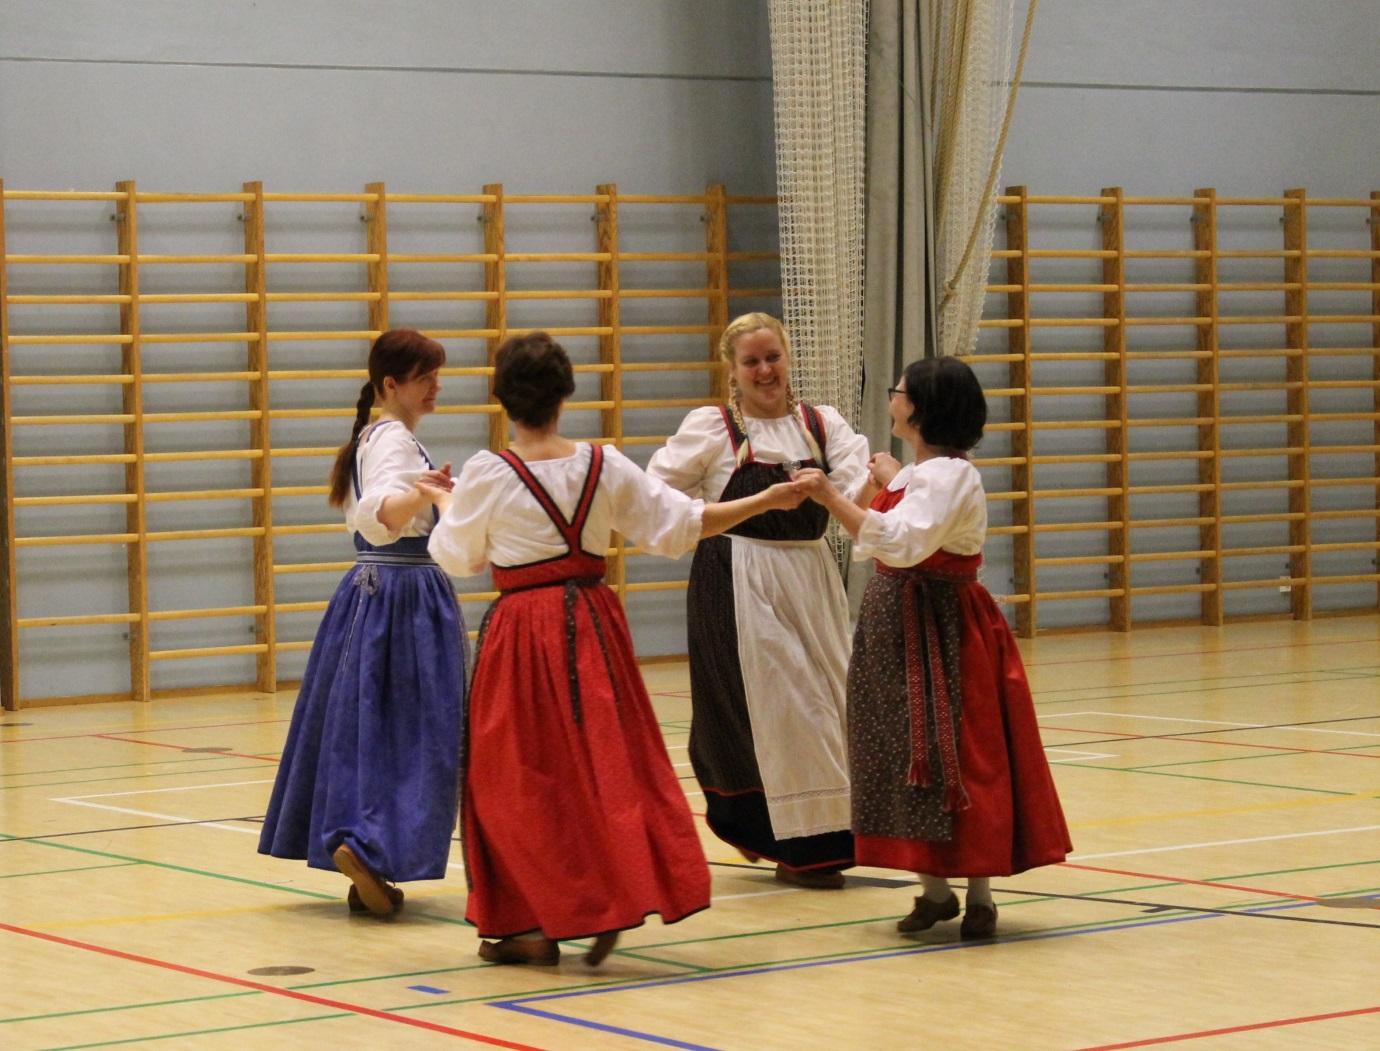 Tanssijat: Maiju Laurila, Elina Heino, Kirsi Toikka ja Satu Kyläkallio. Kuva Sini Inkeroinen